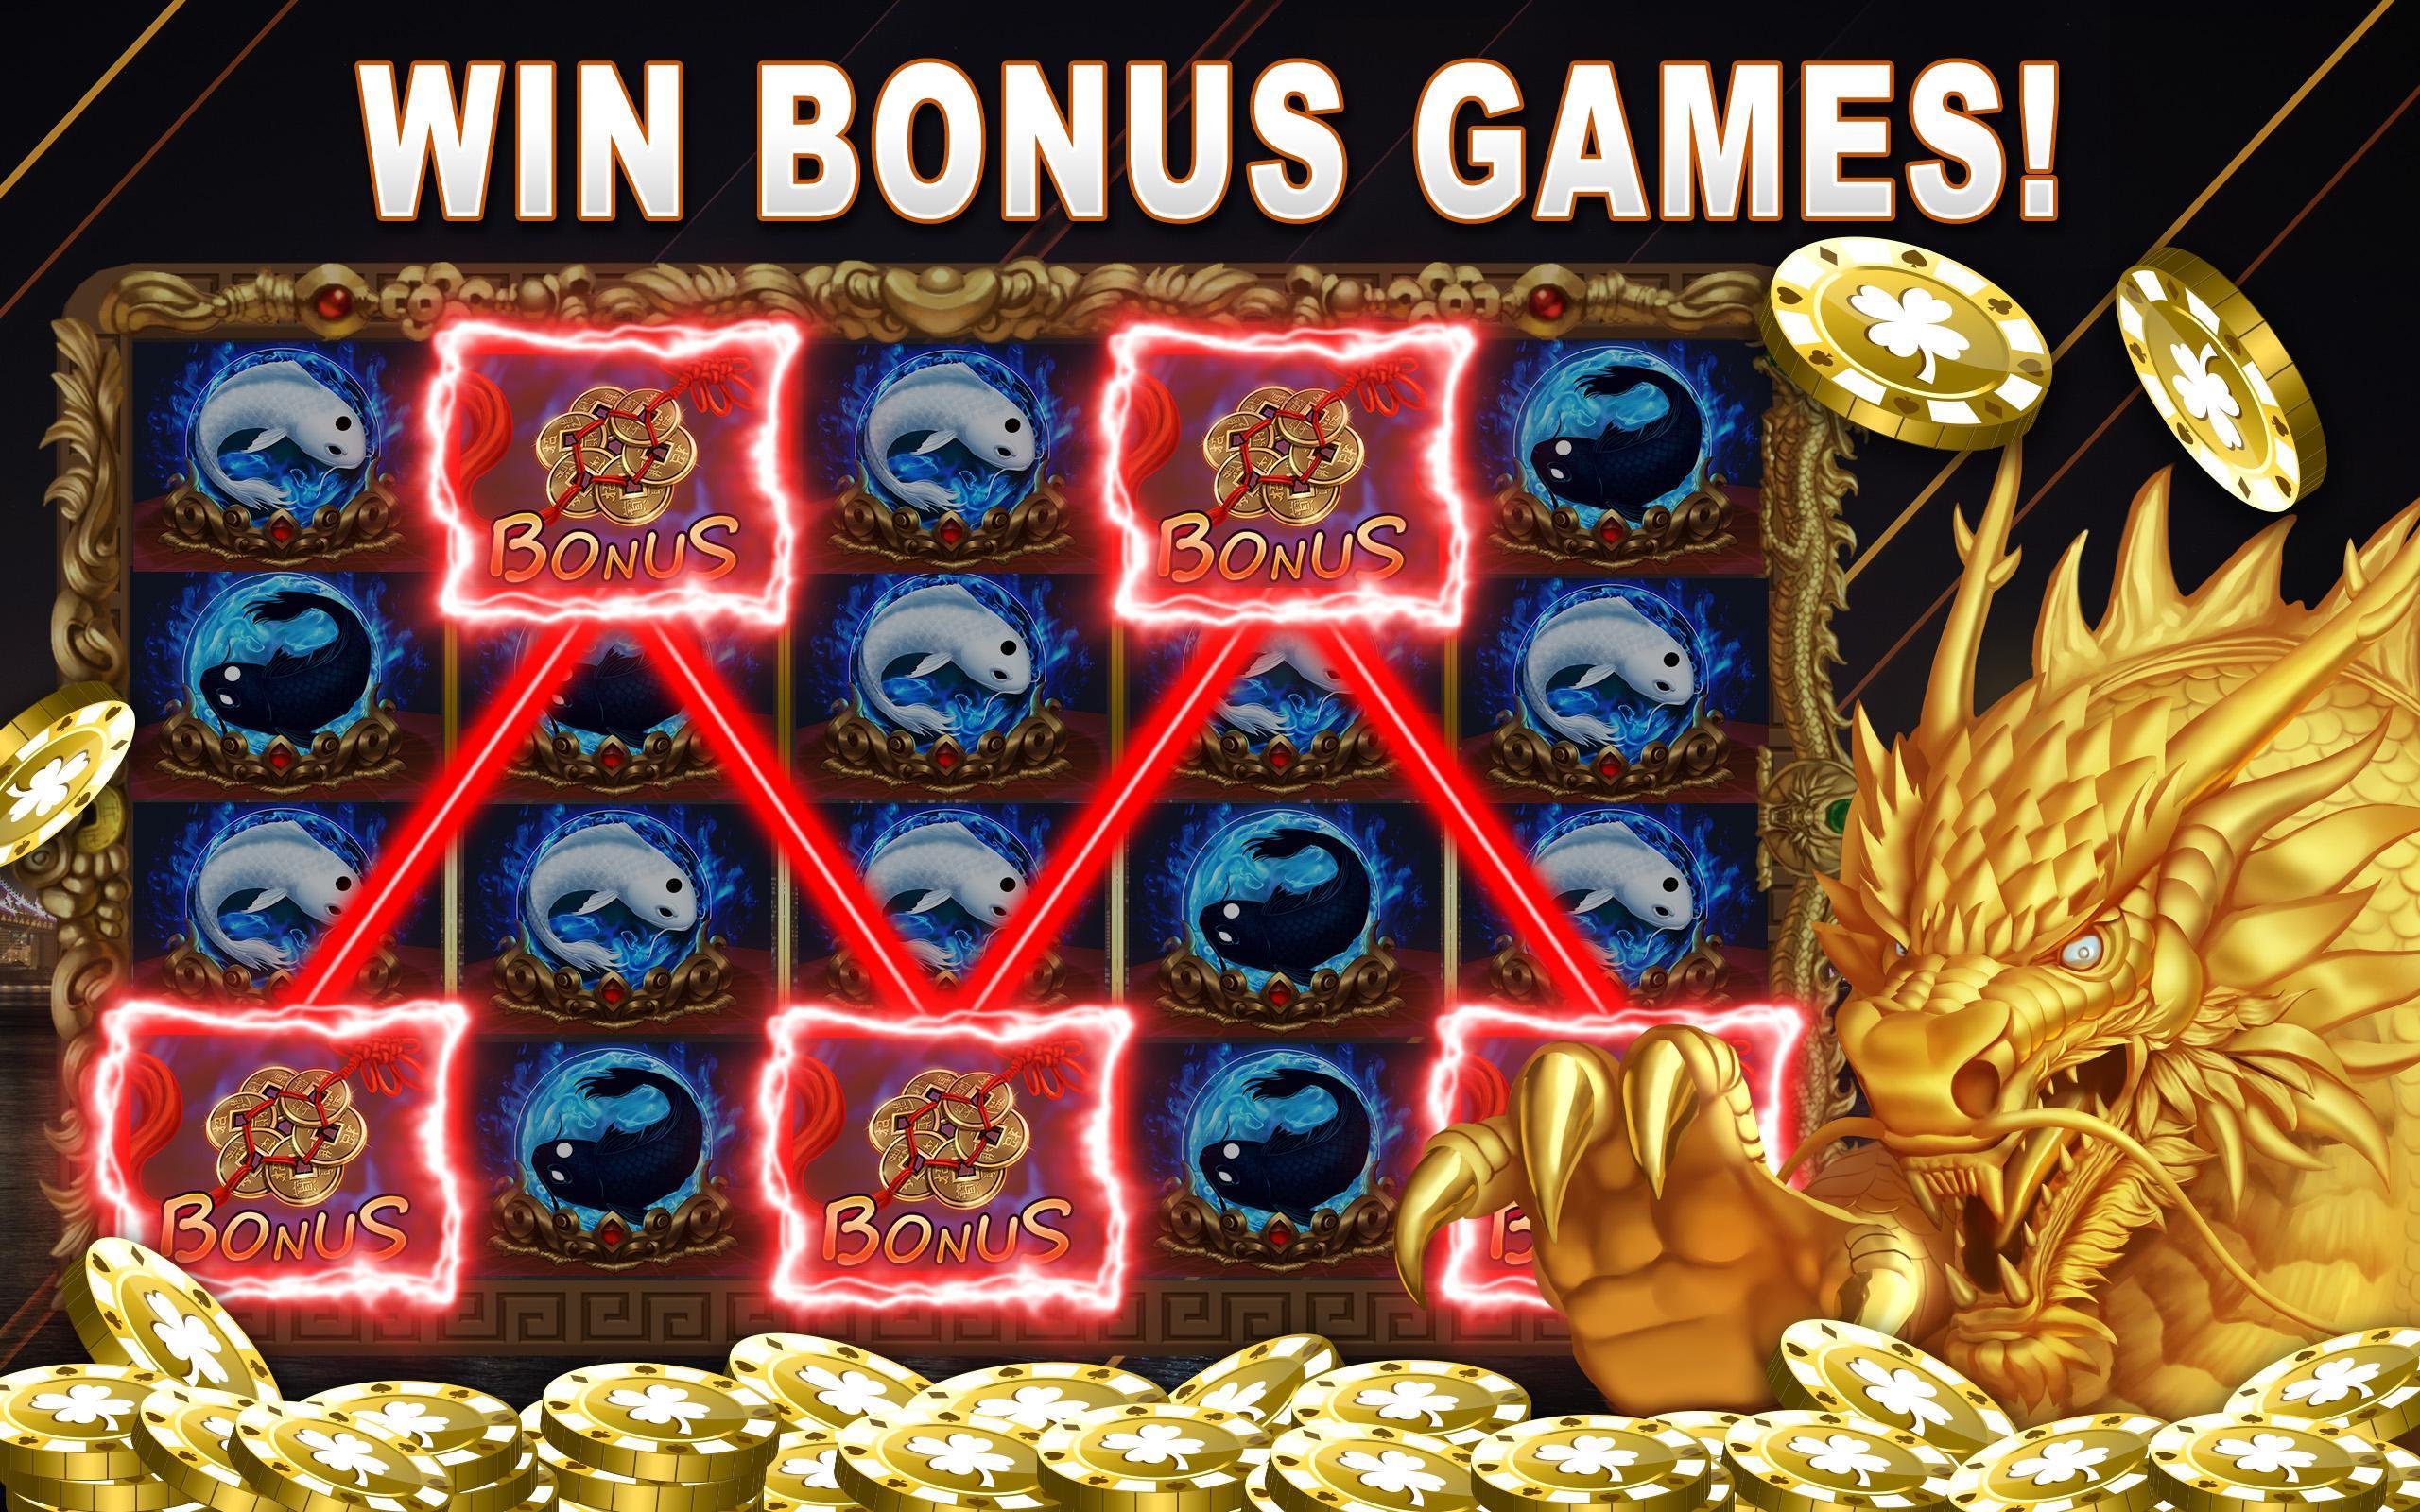 Deluxe Slot Games